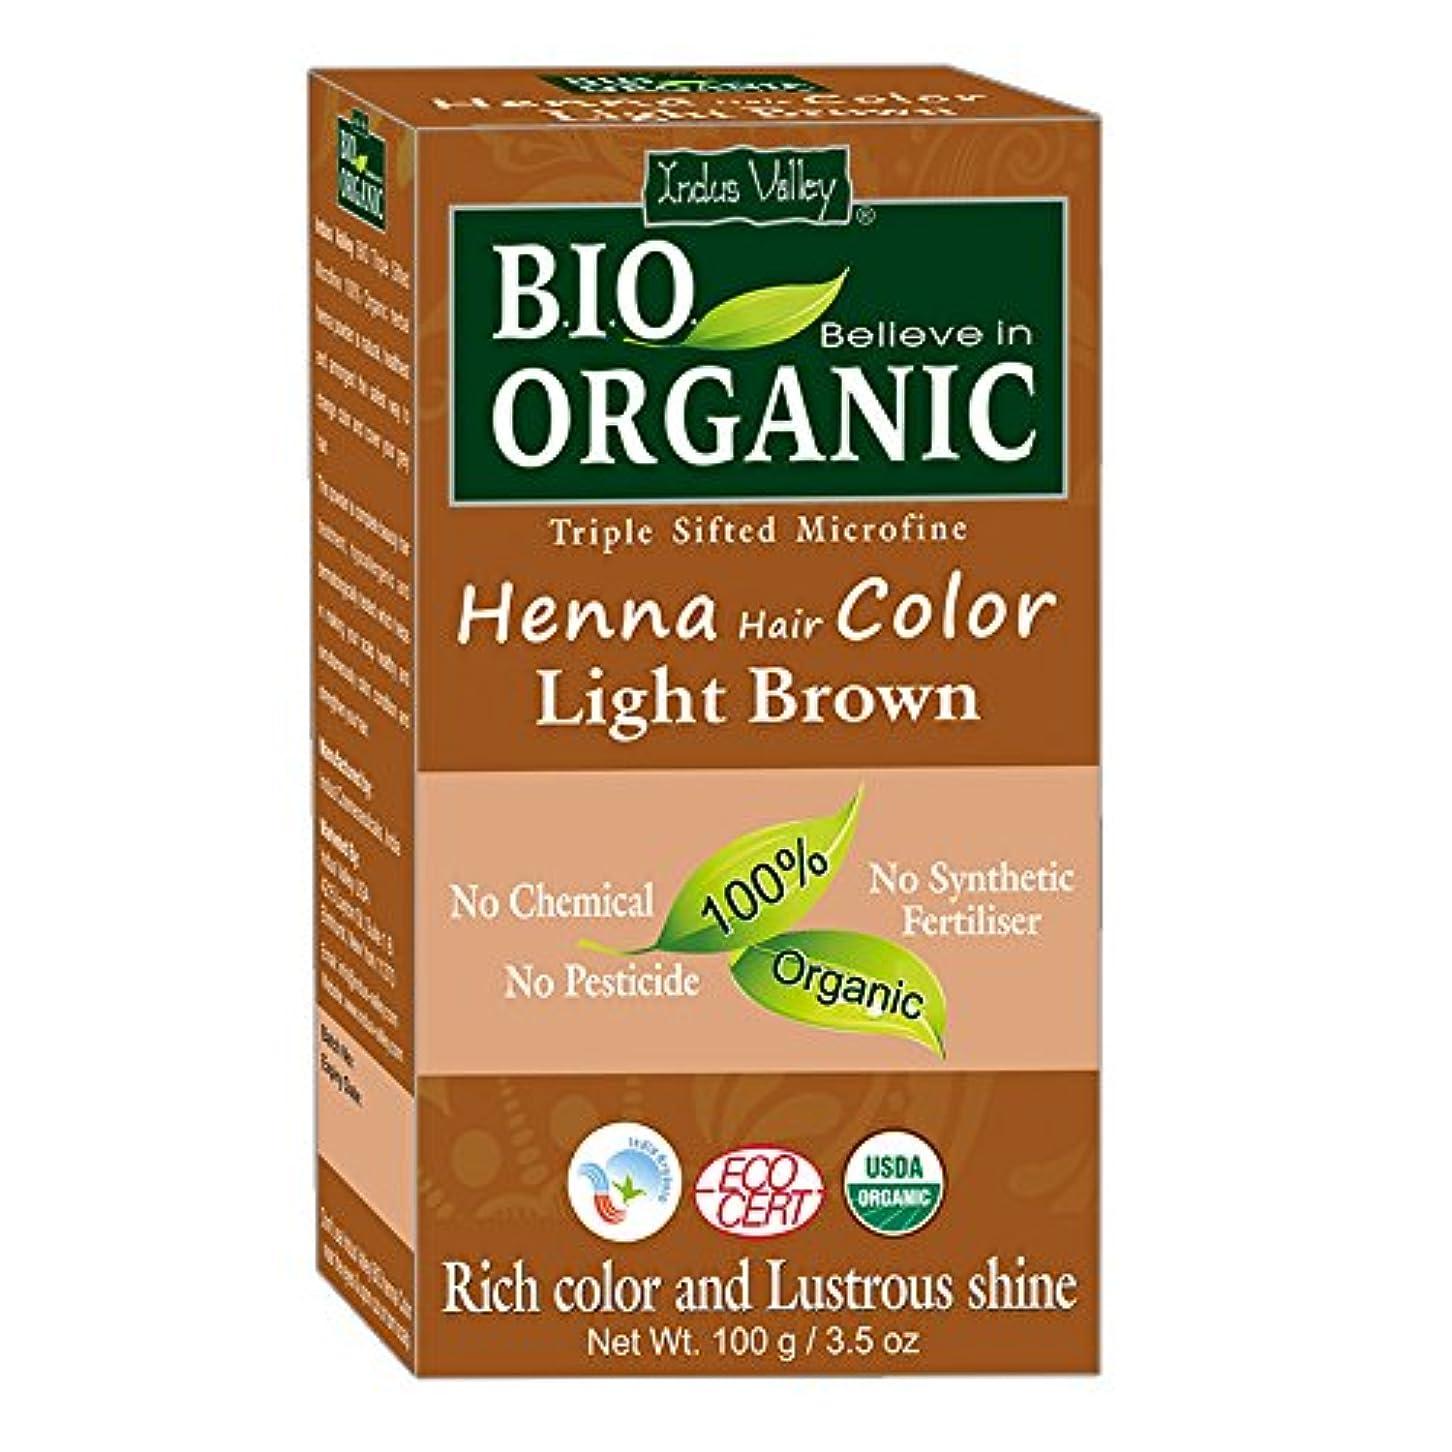 親愛な芽あなたが良くなりますヘナヘアダイ100%バイオオーガニックトリプルシフトマイクロファインパウダー(ライトブラウン)